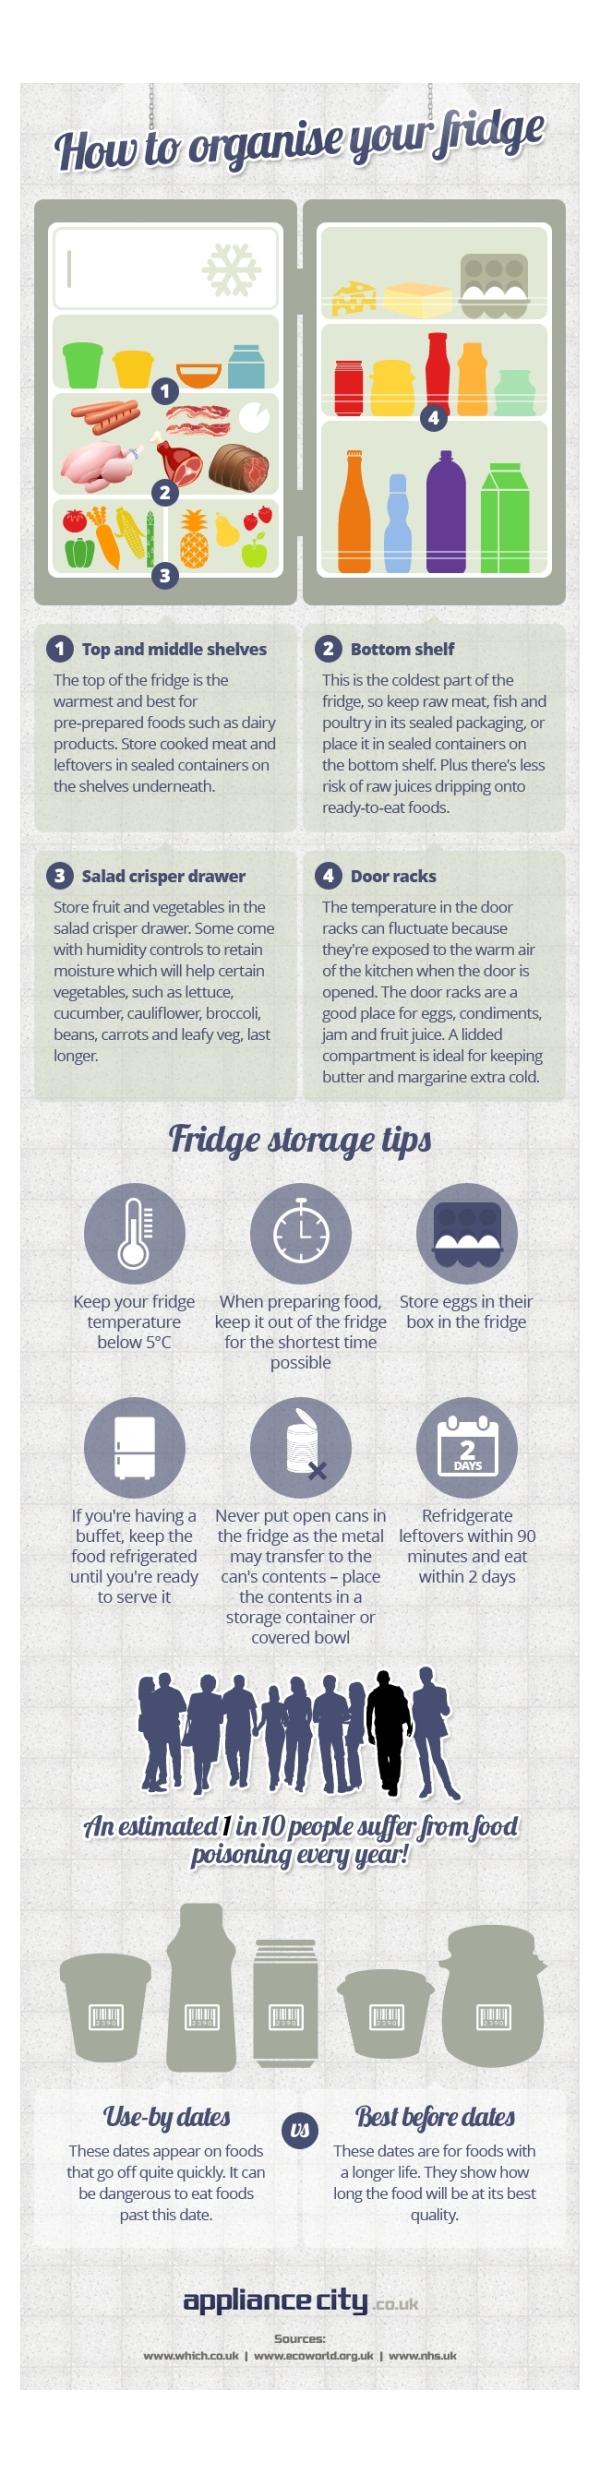 organise-your-fridge-correctly